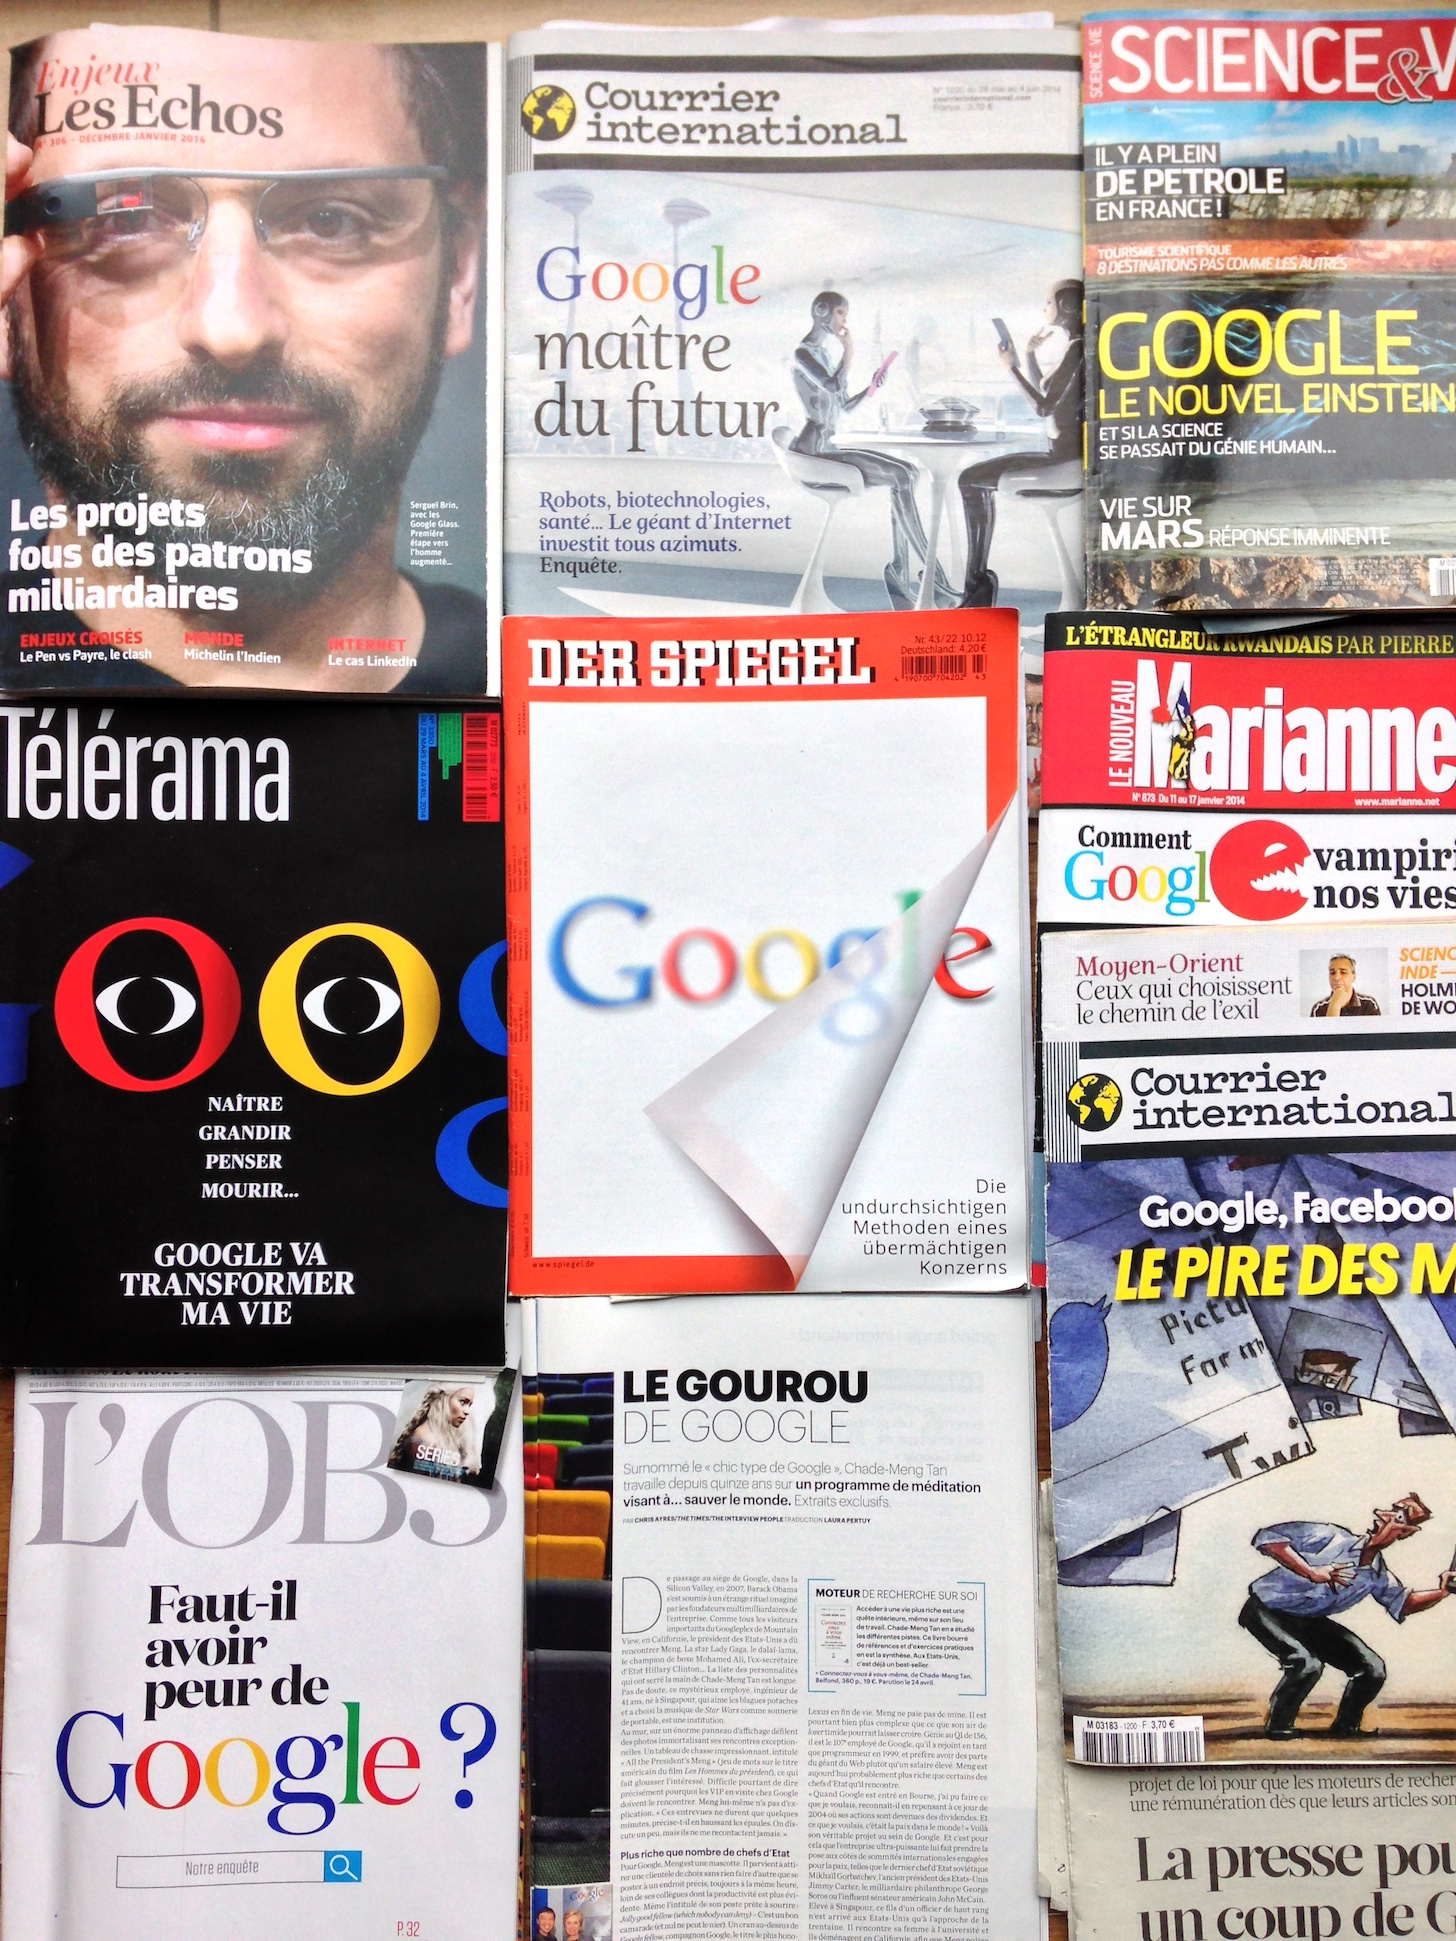 Neuf couvertures de la presse Européenne consacrées à Google